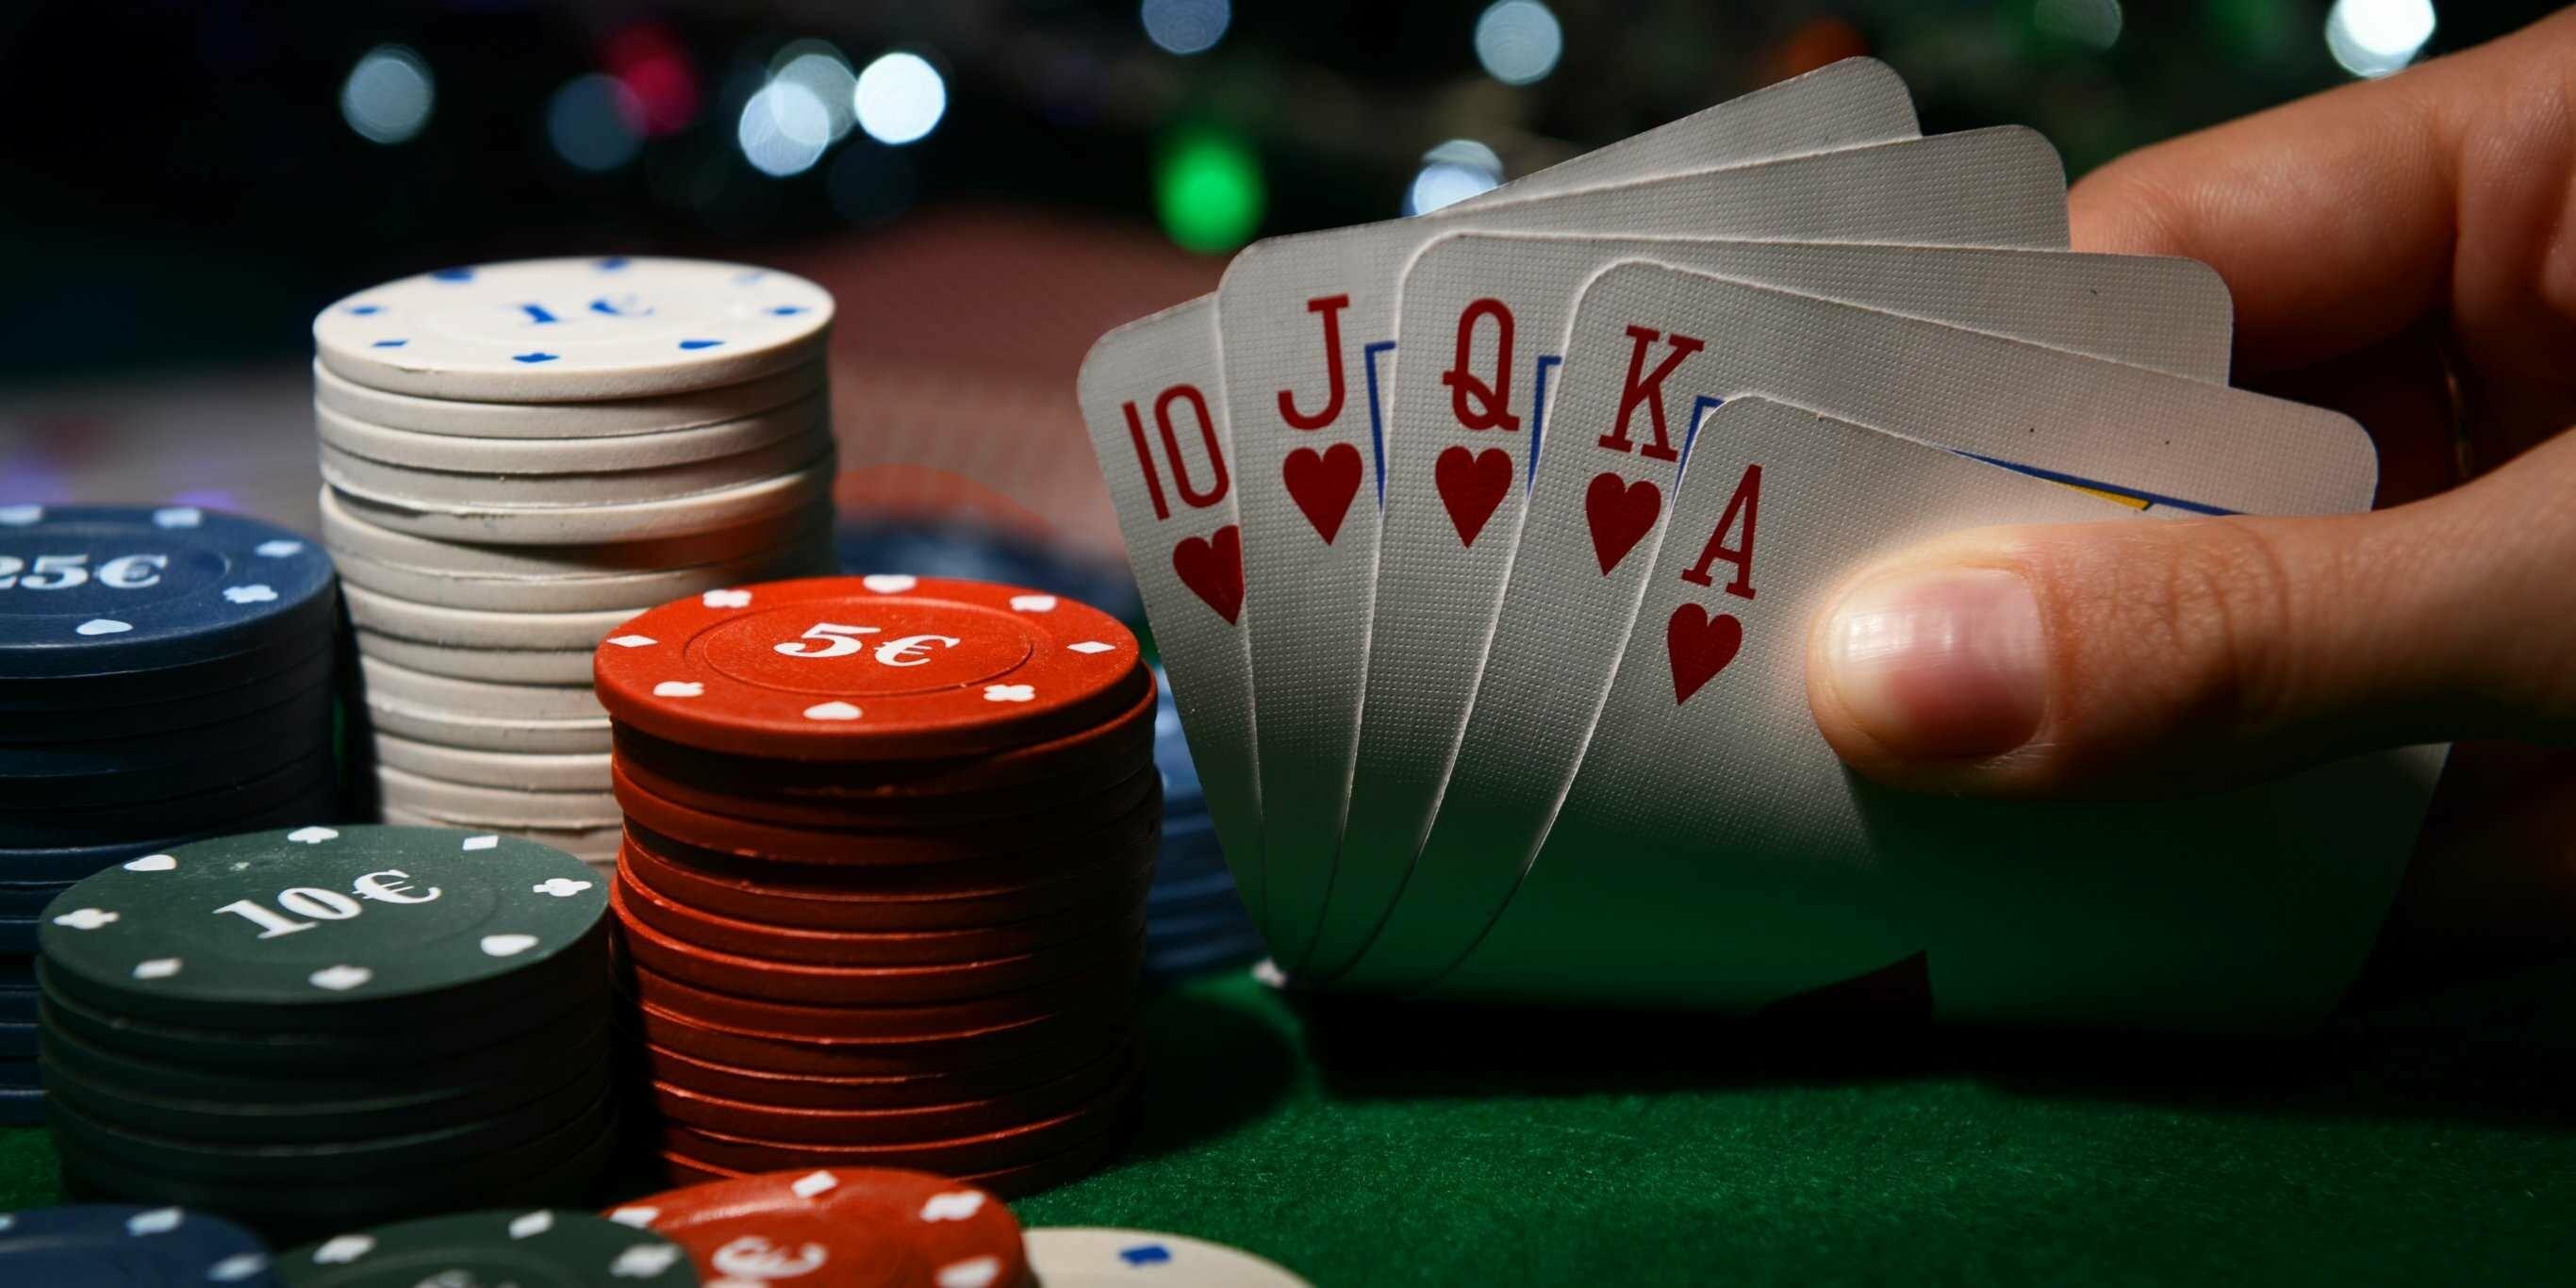 Лучший сайт для онлайн покера играть в карты на раздевания на два бесплатно